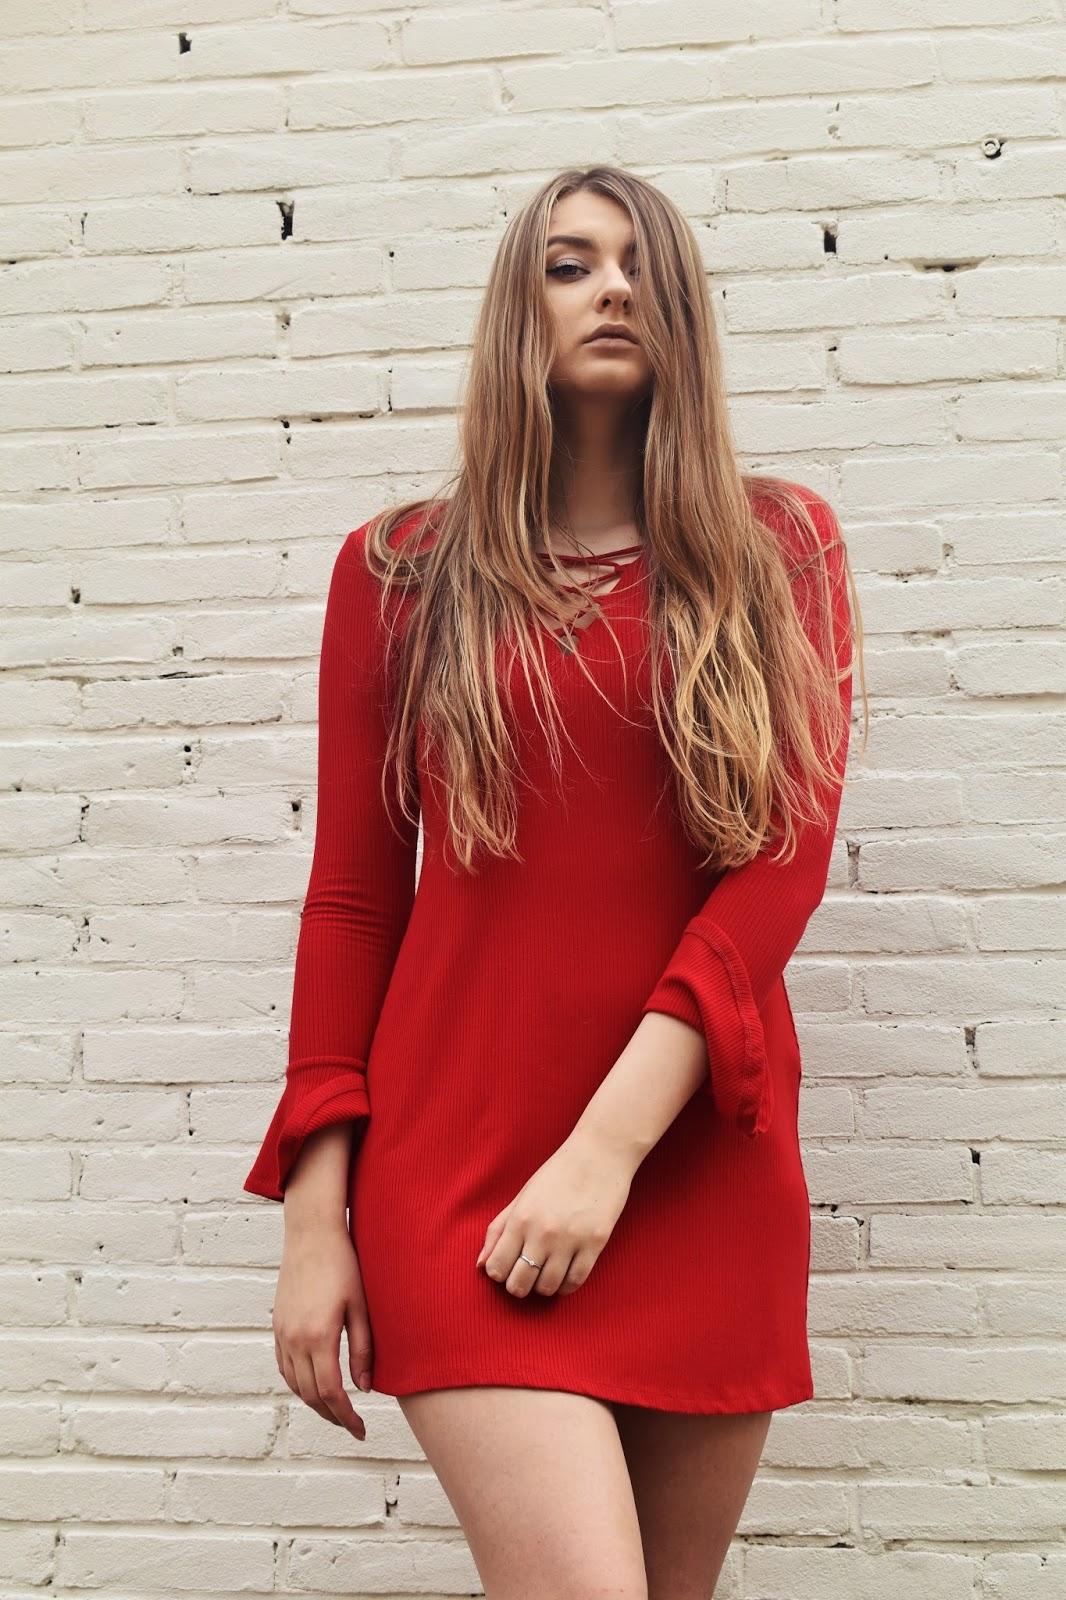 CZERWONA SUKIENKA / RED DRESS